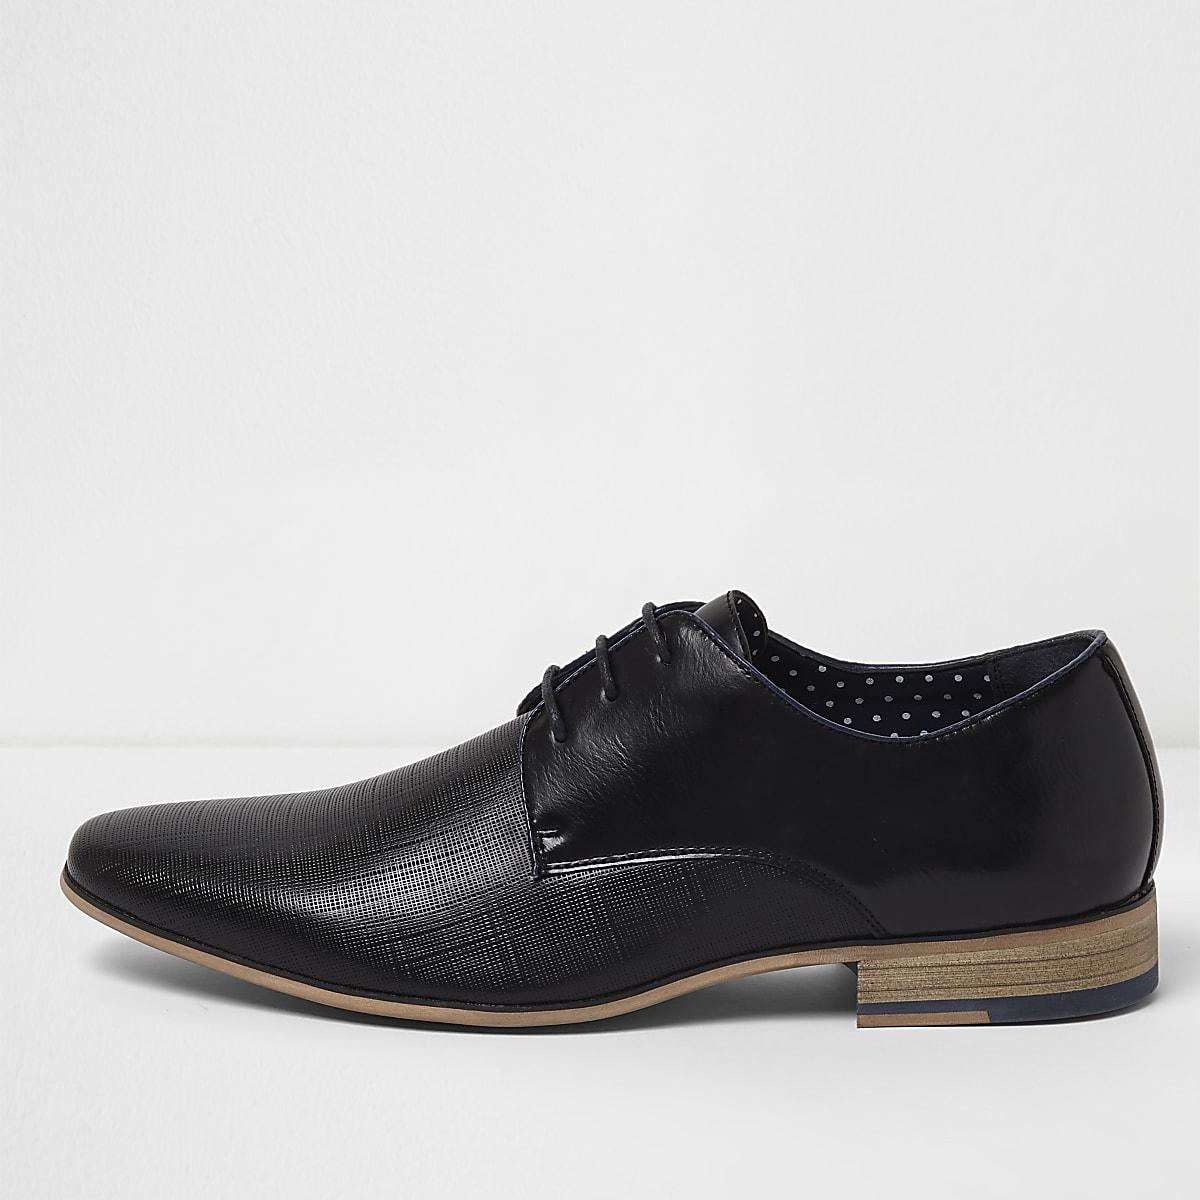 Chaussures habillées noires texturées à lacets